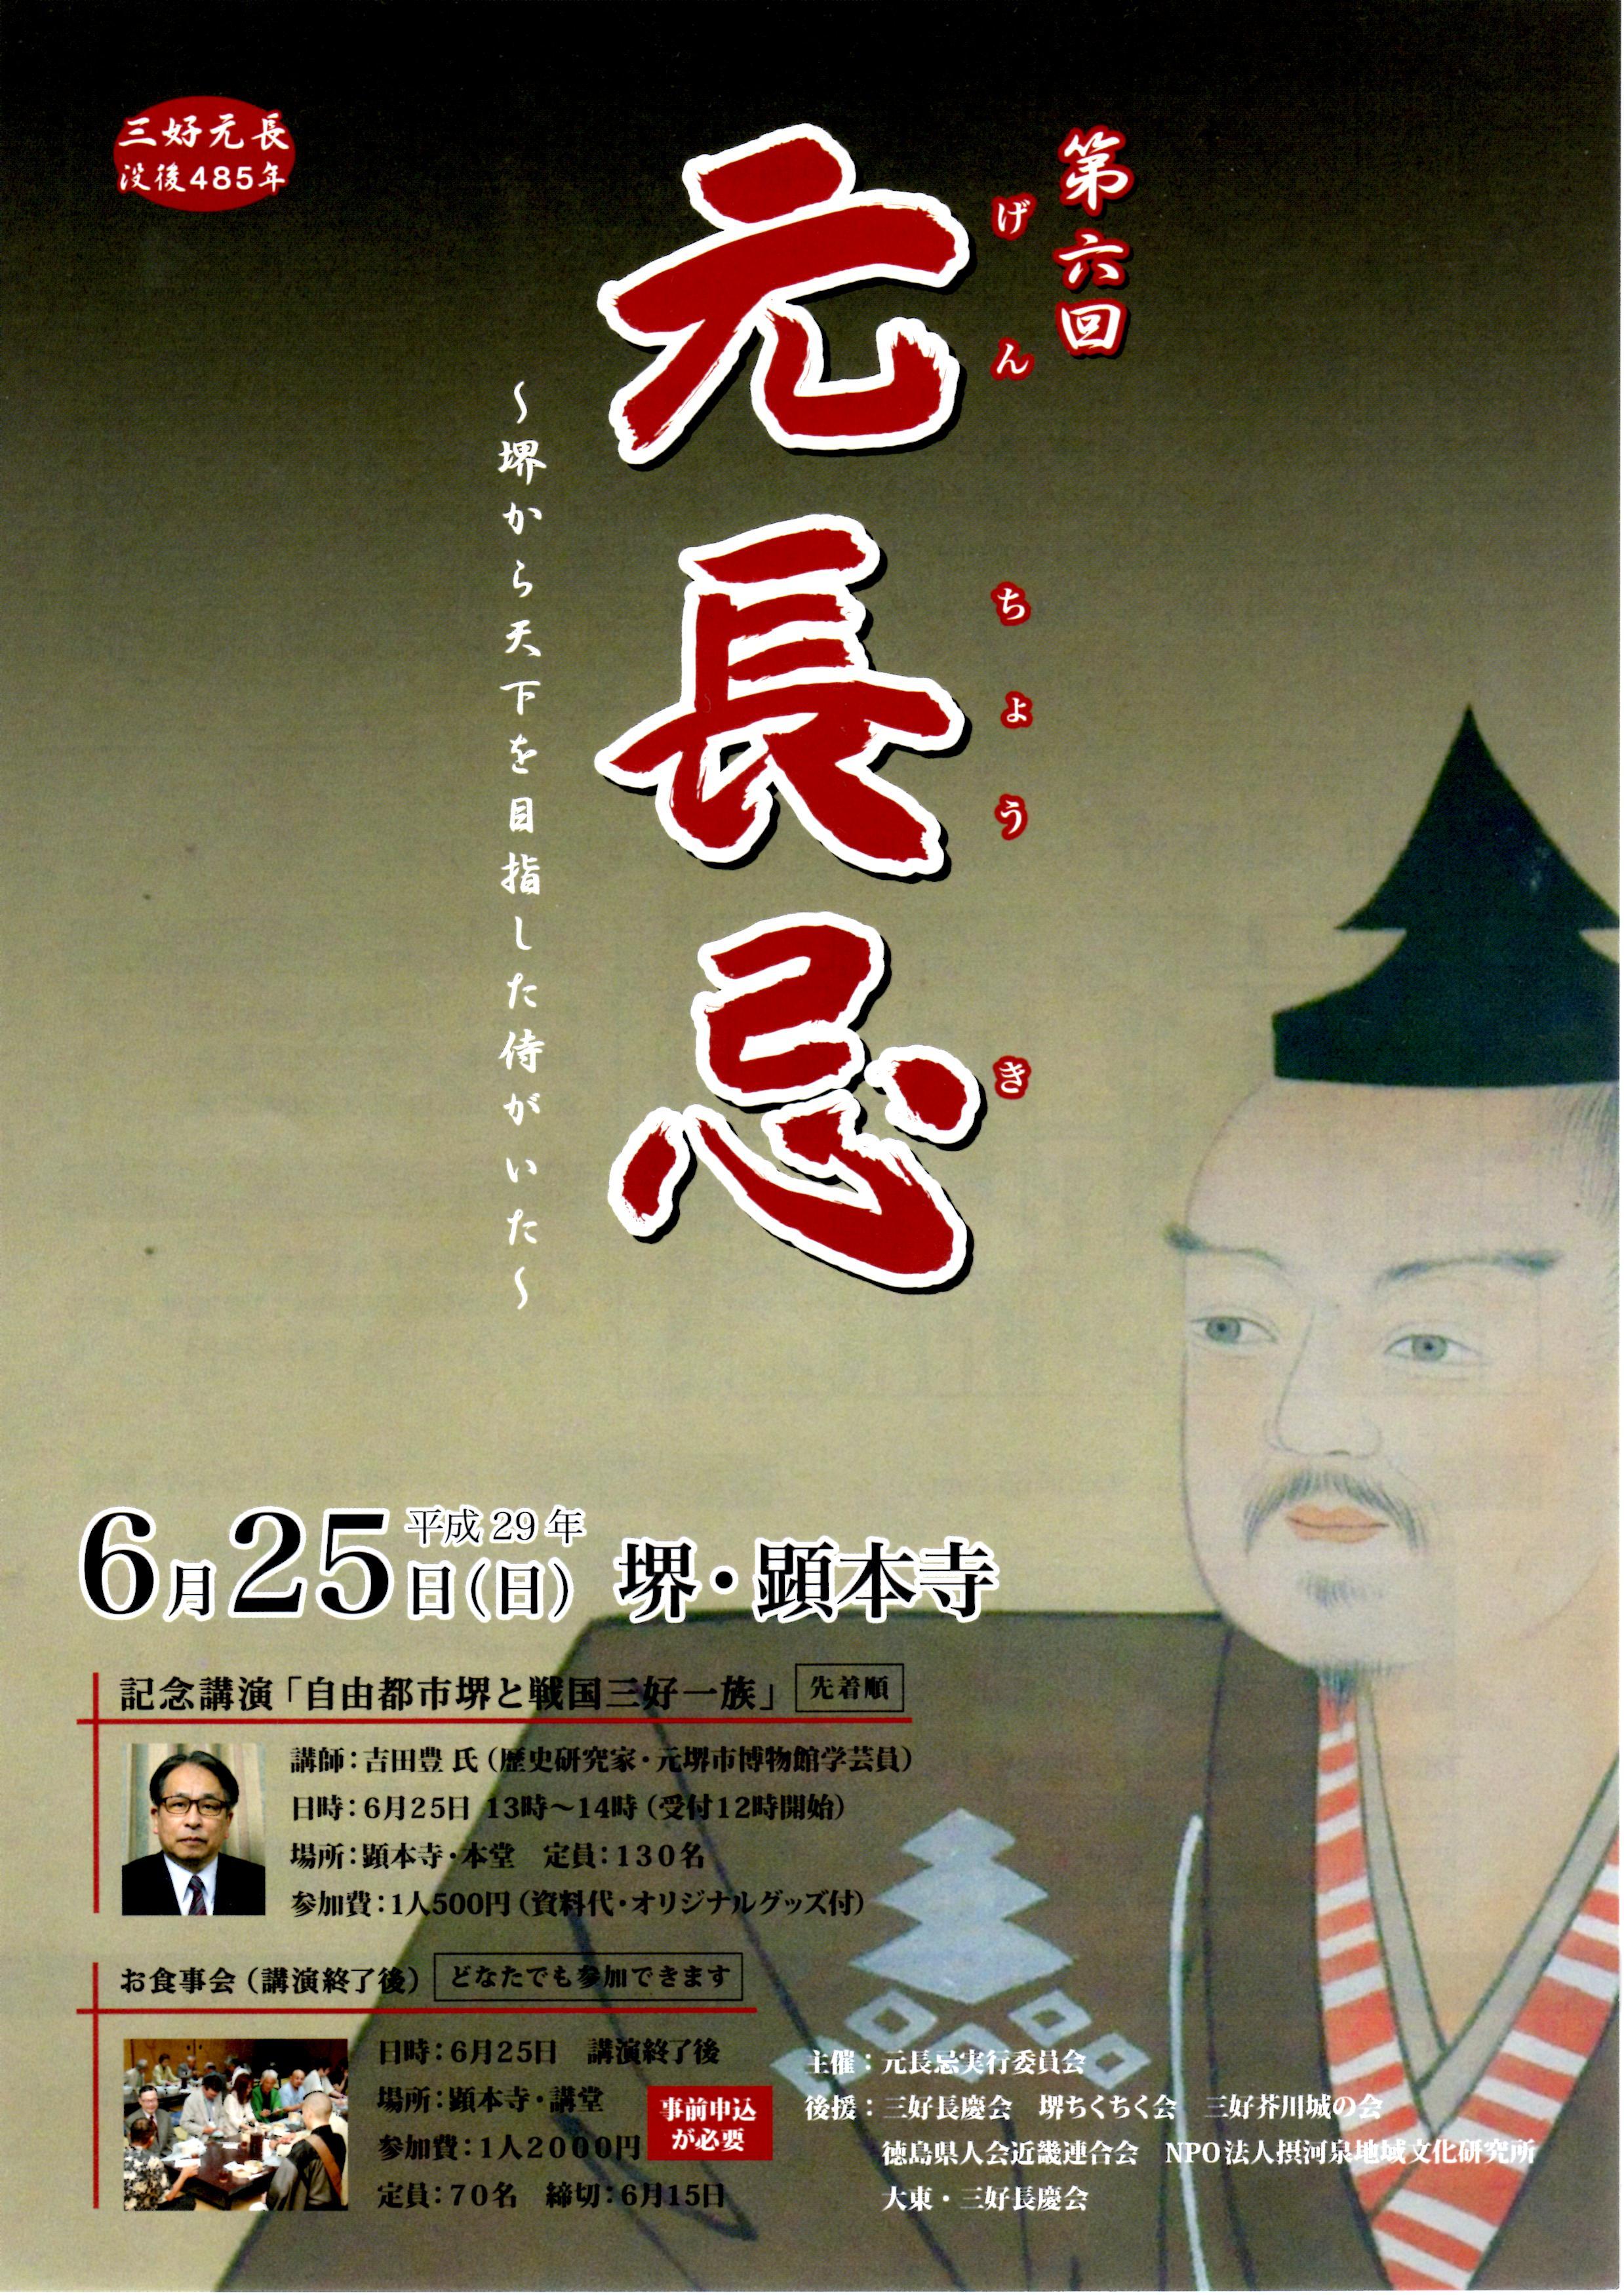 第六回 元長忌 ~堺から天下を目指した侍がいた~ - かわらばん/堺・南大阪の地域情報